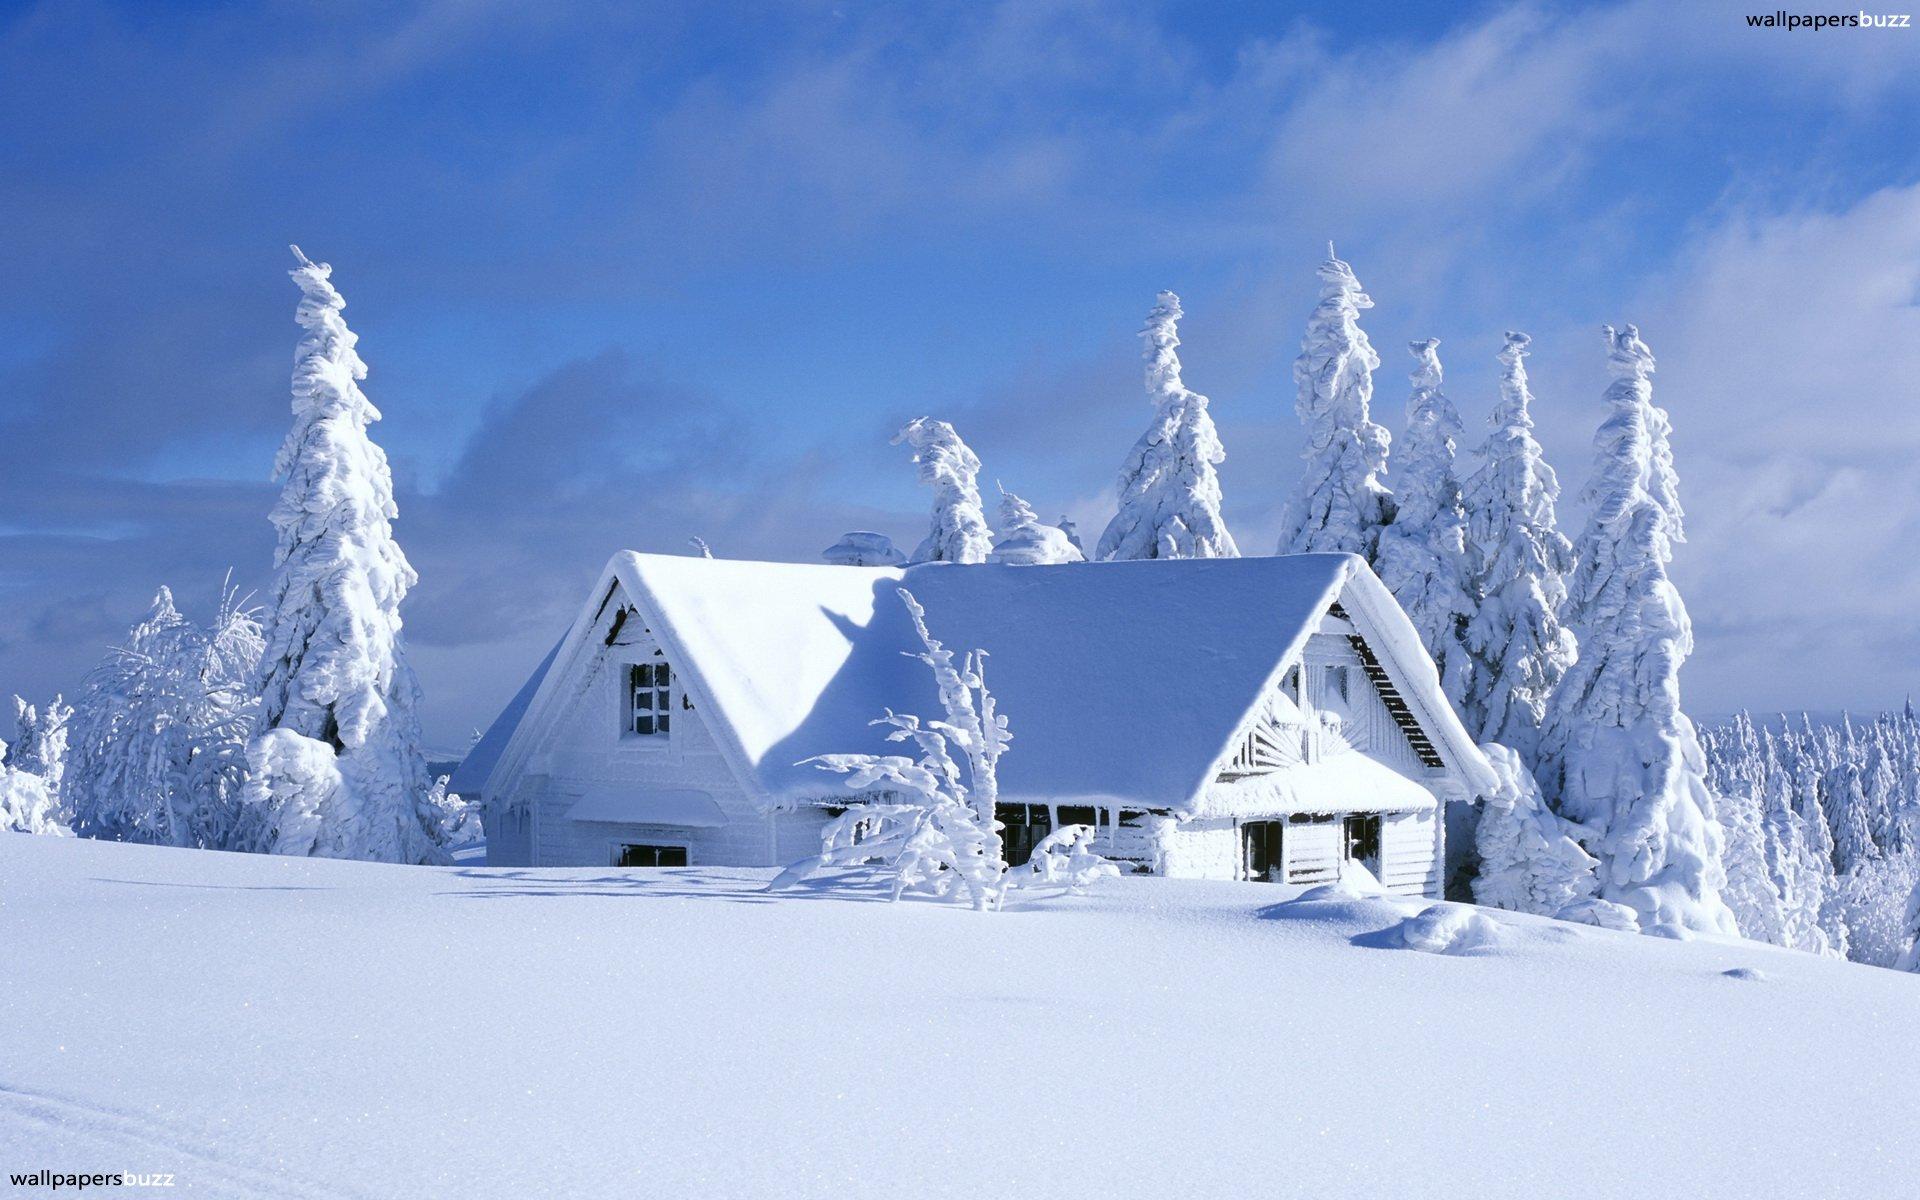 ảnh lulu mùa đông kì diệu